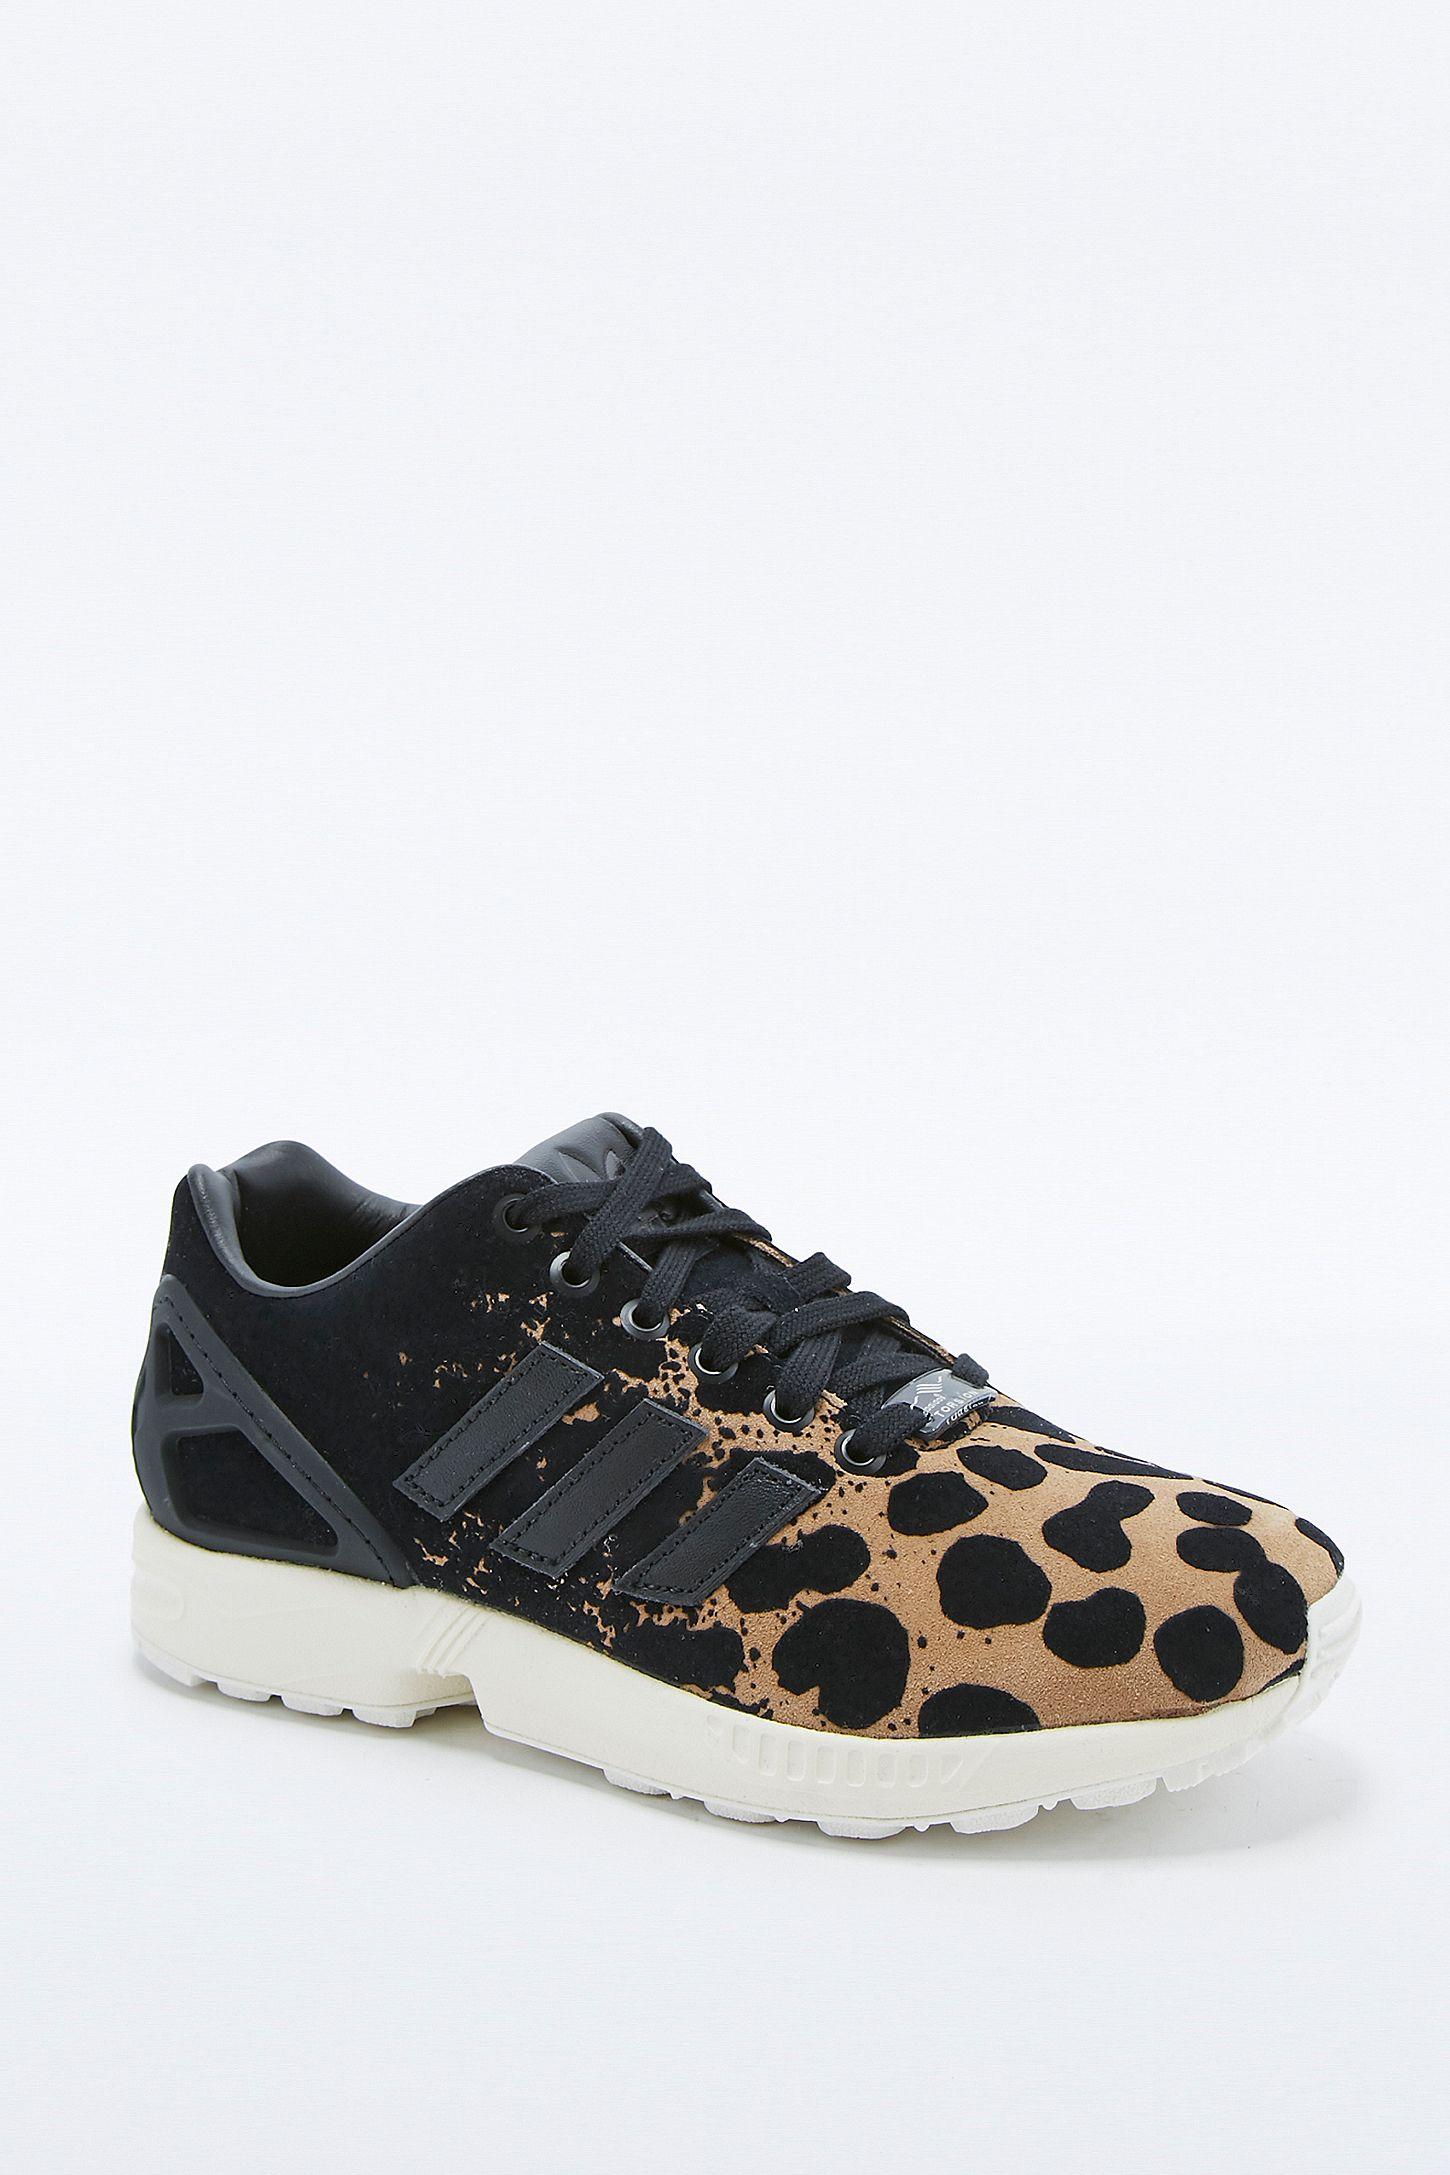 adidas zx flux leopard noir